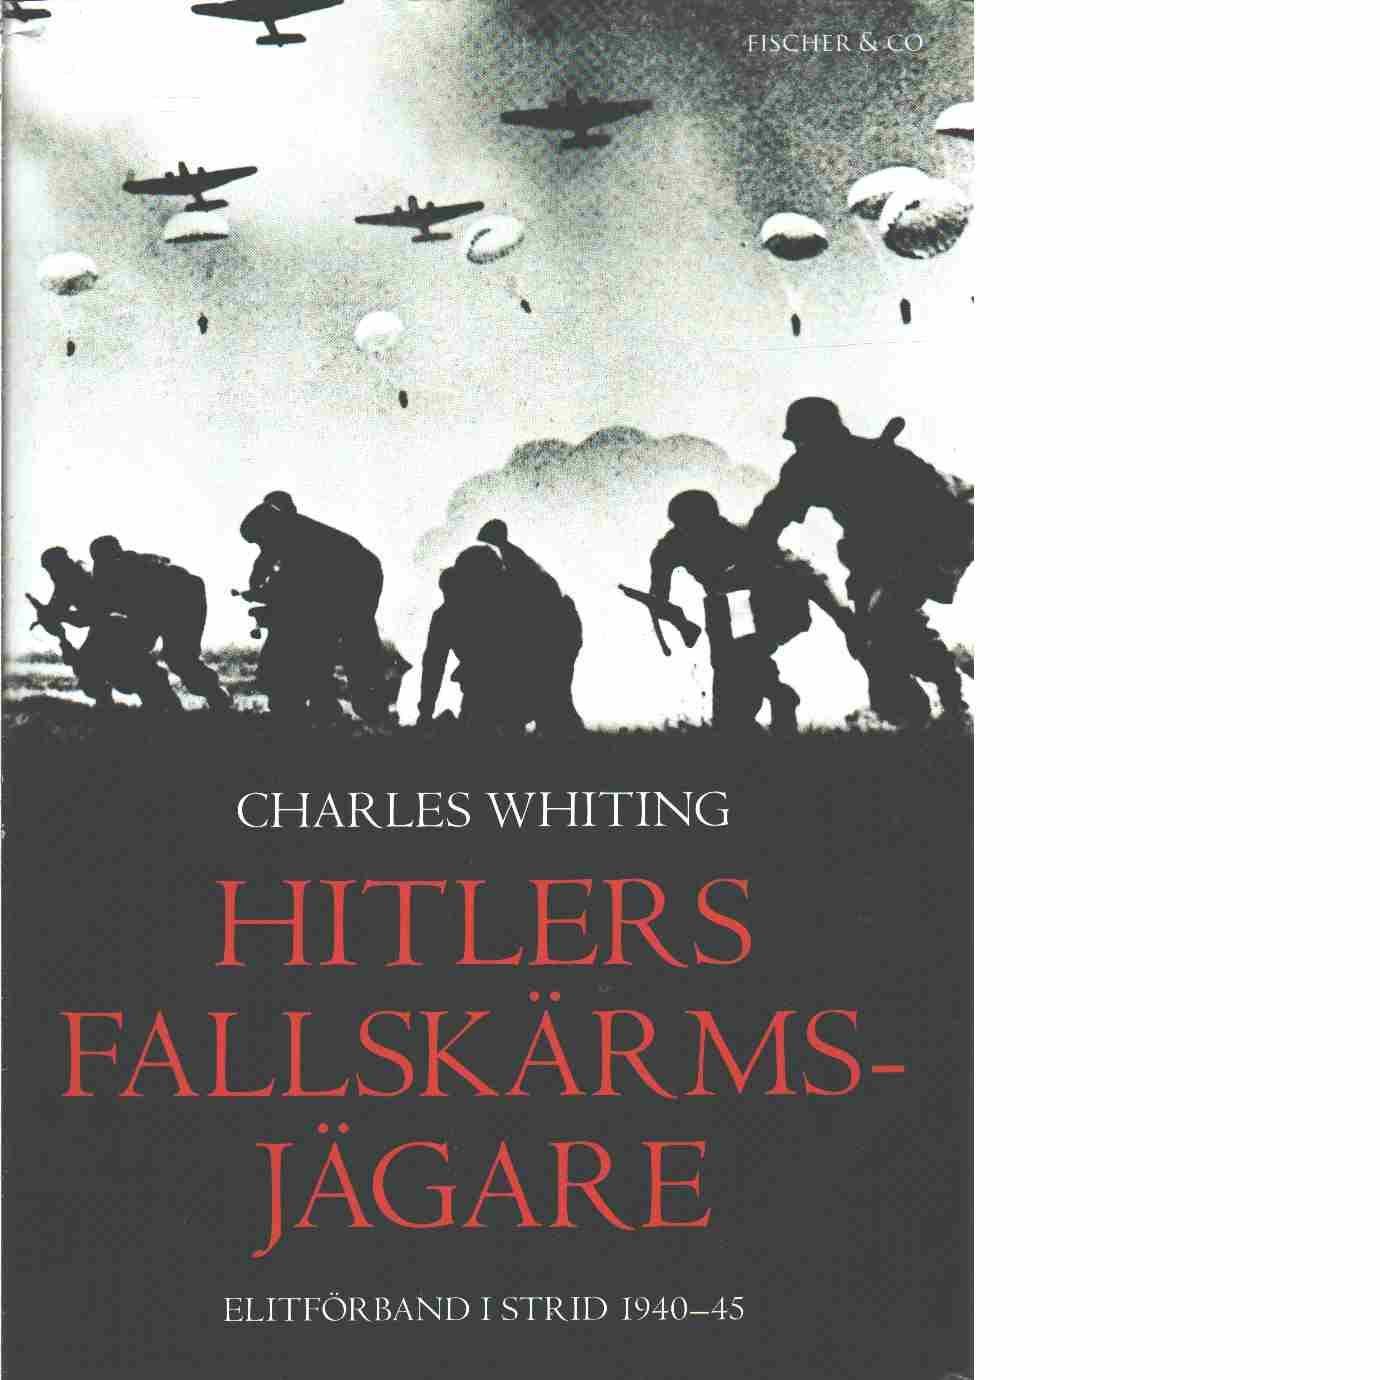 Hitlers fallskärmsjägare : elitförband i strid 1940-45 - Whiting, Charles